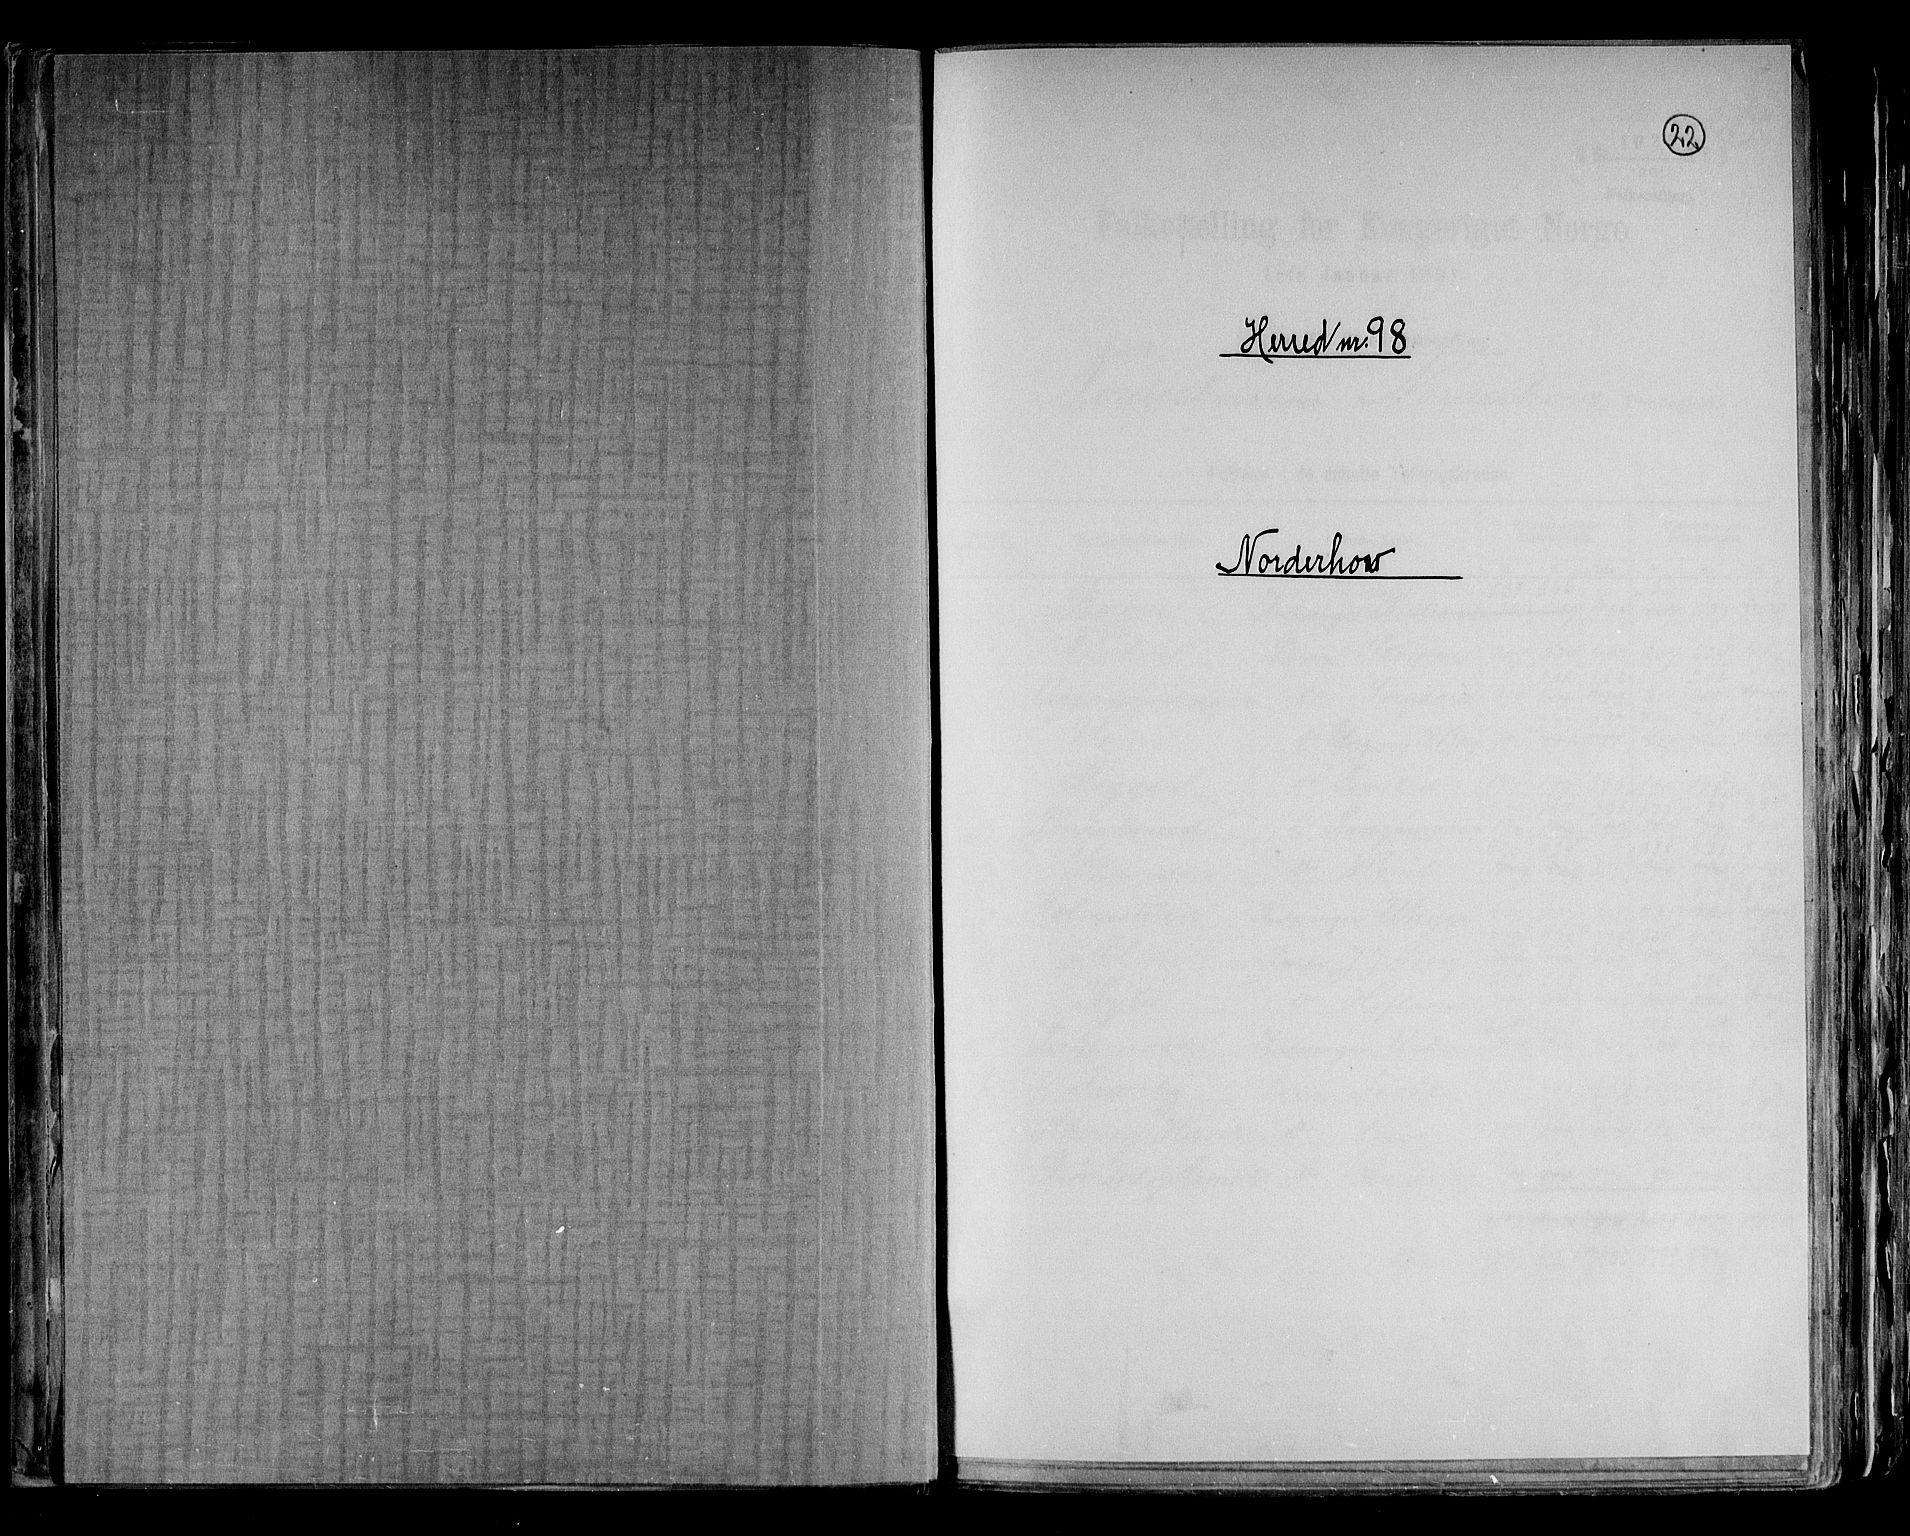 RA, Folketelling 1891 for 0613 Norderhov herred, 1891, s. 1